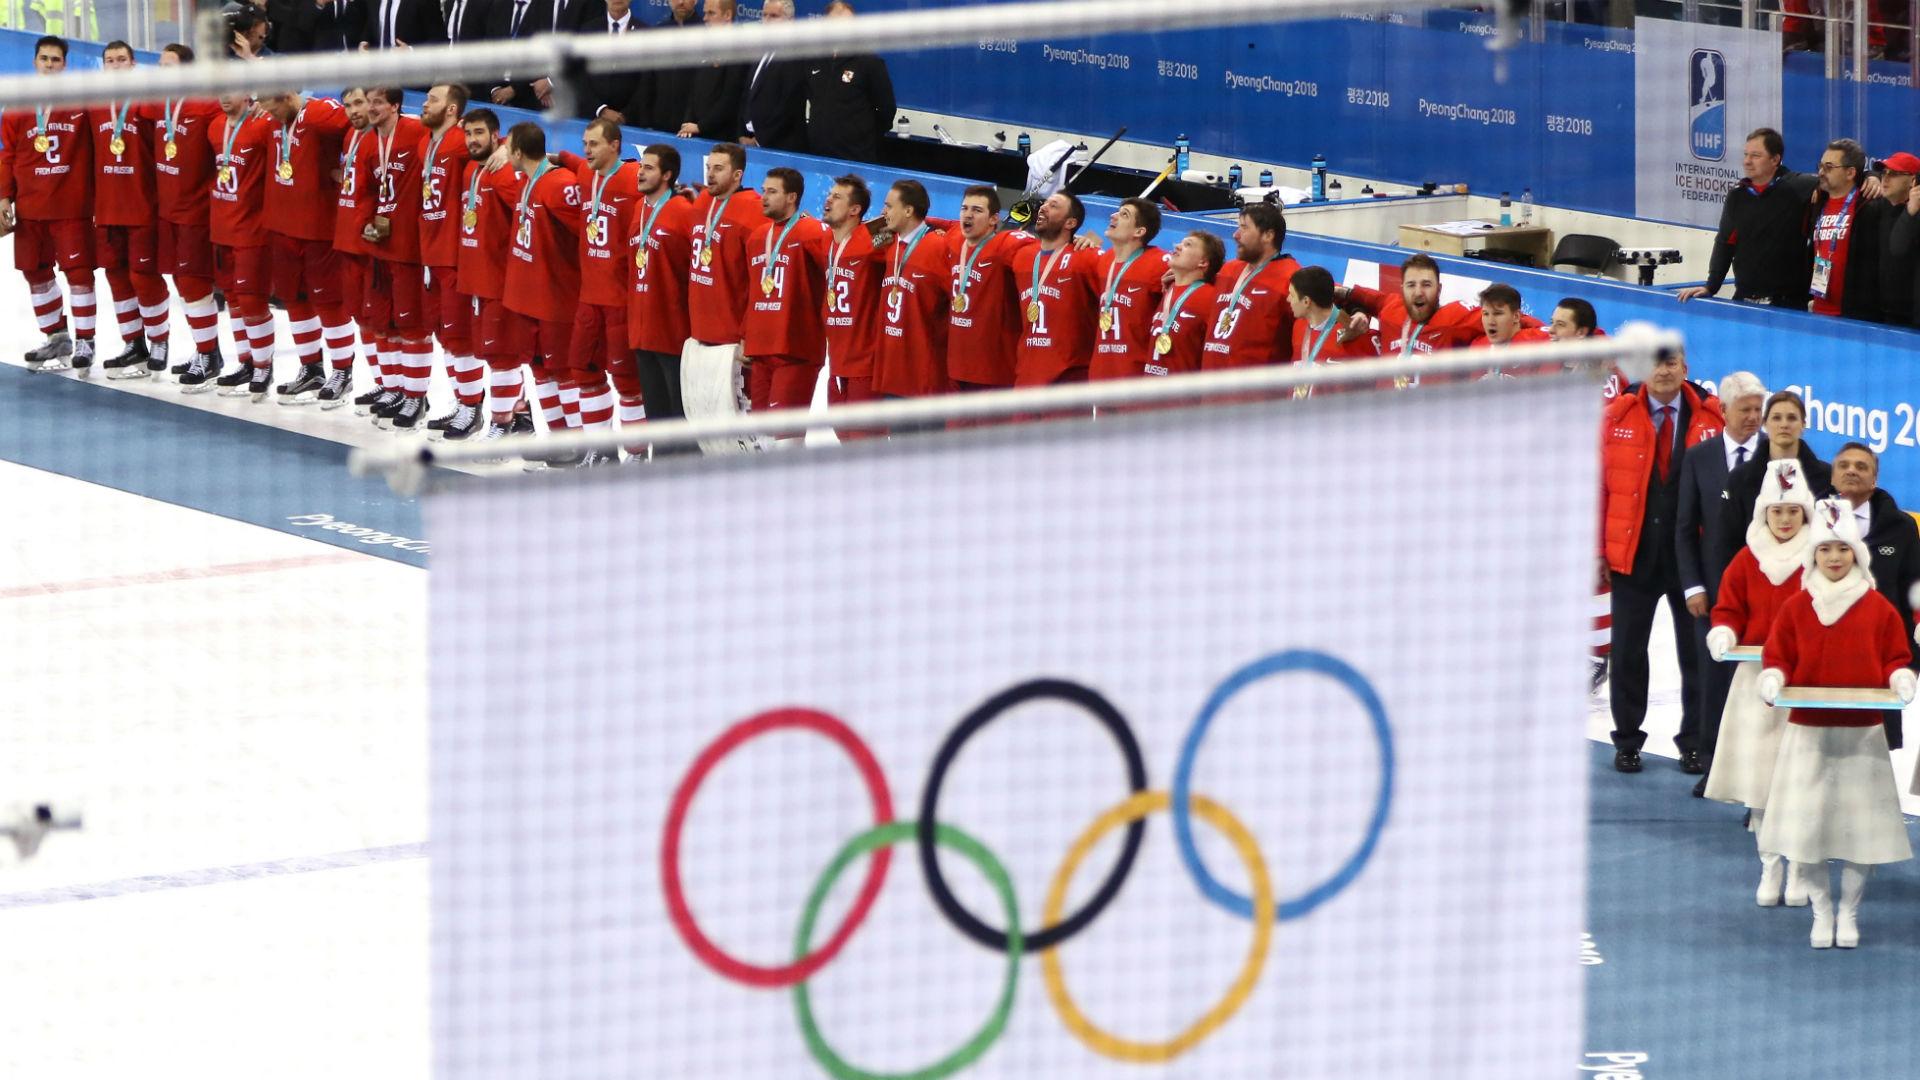 russia-hockey-flag-02282018-usnews-getty-ftr